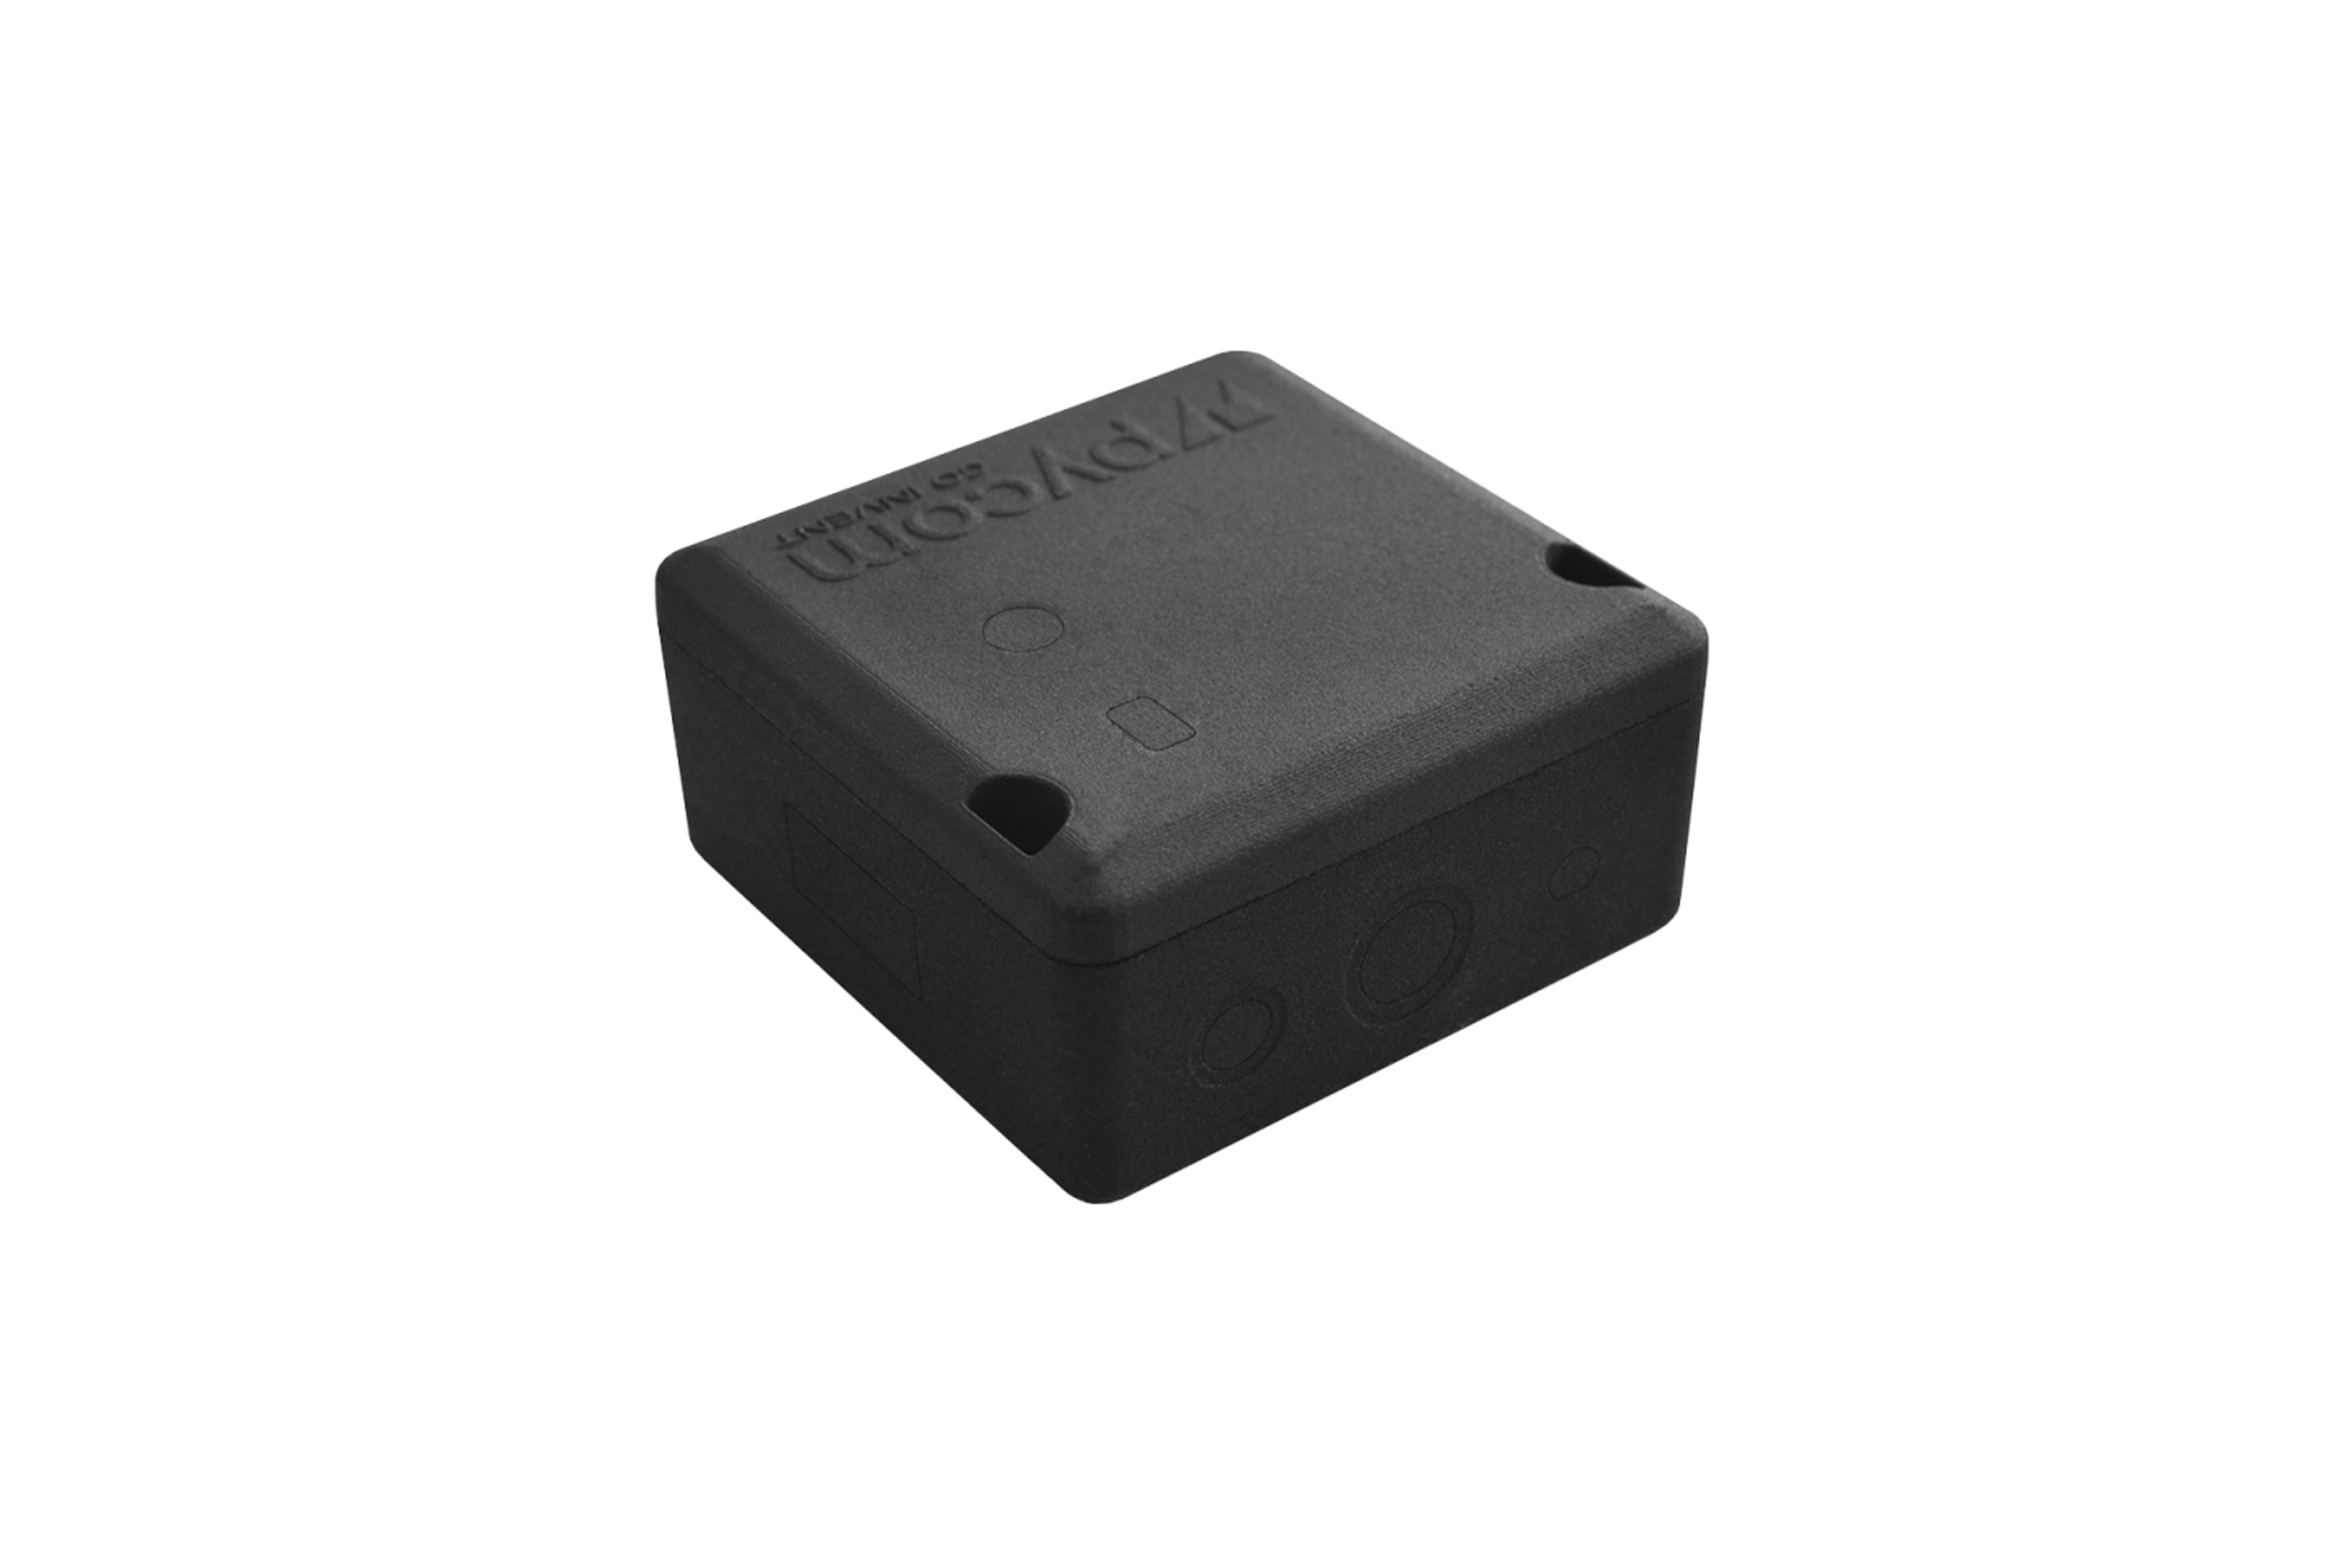 Pycom ボード用防水ケース(IP67)